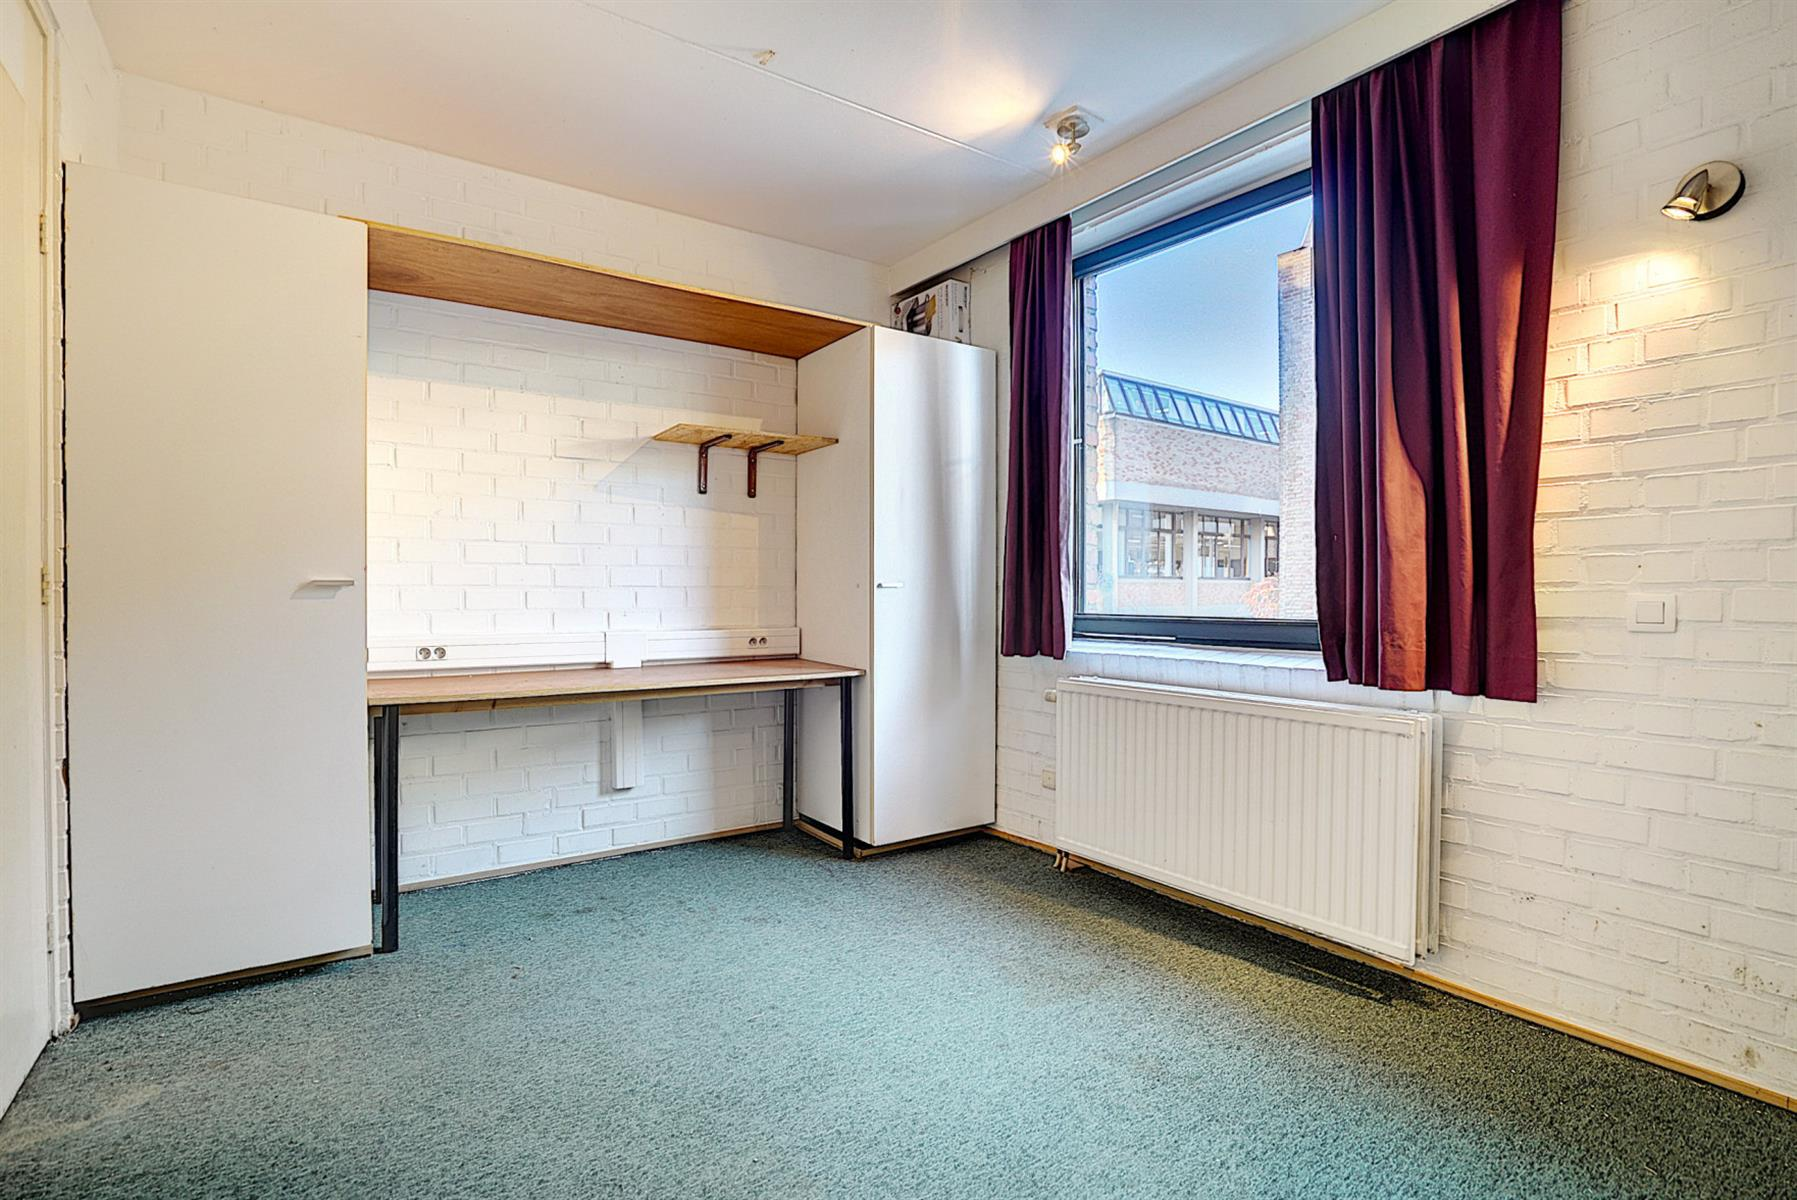 Appartement - Ottignies-Louvain-la-Neuve Louvain-la-Neuve - #4208592-9